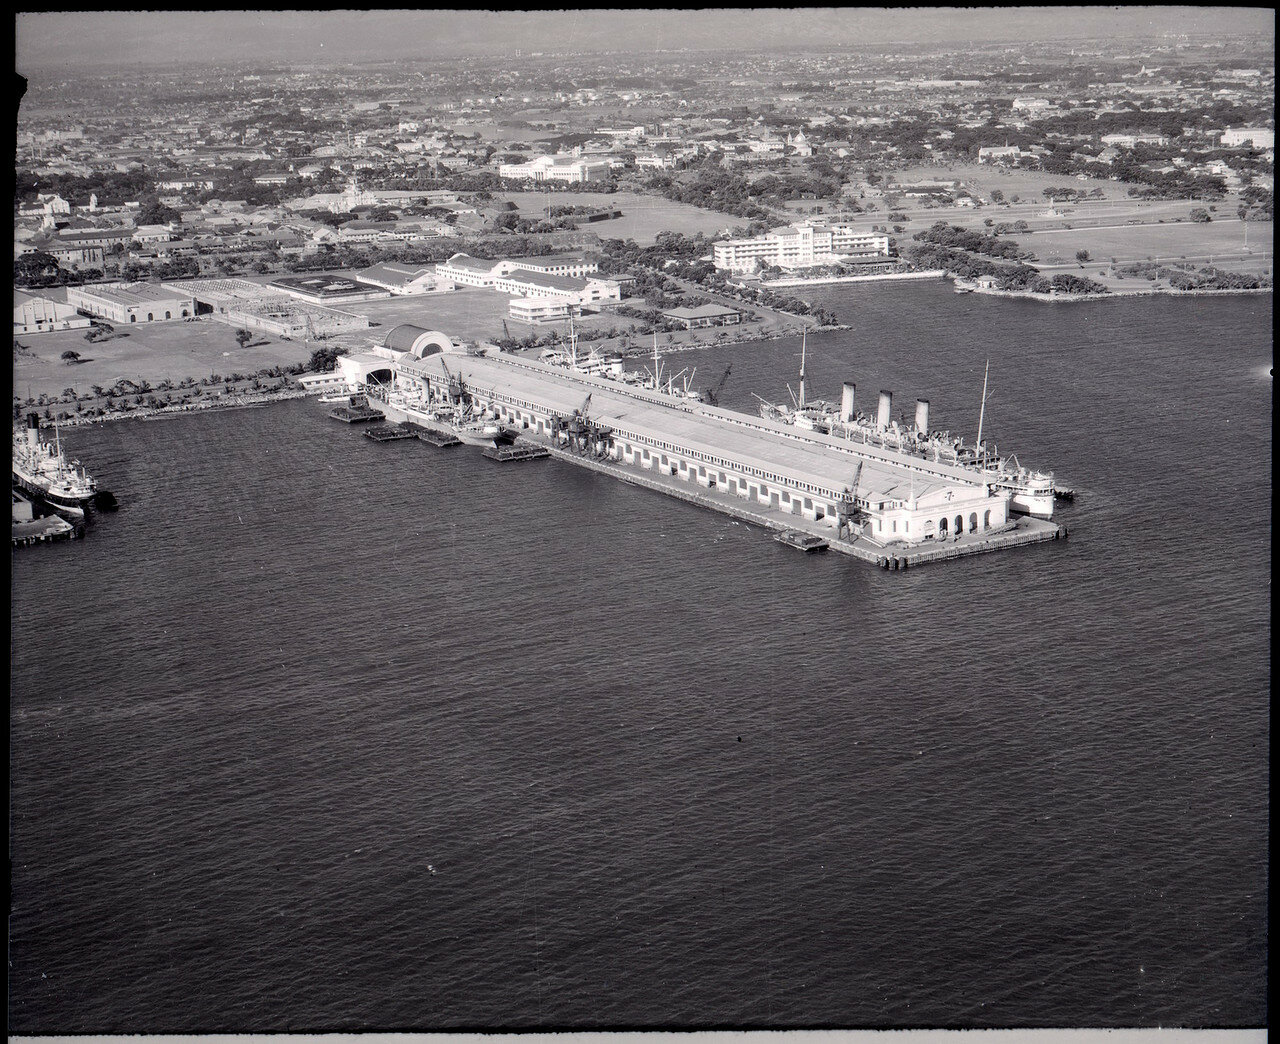 Манильский залив. Пирс №7